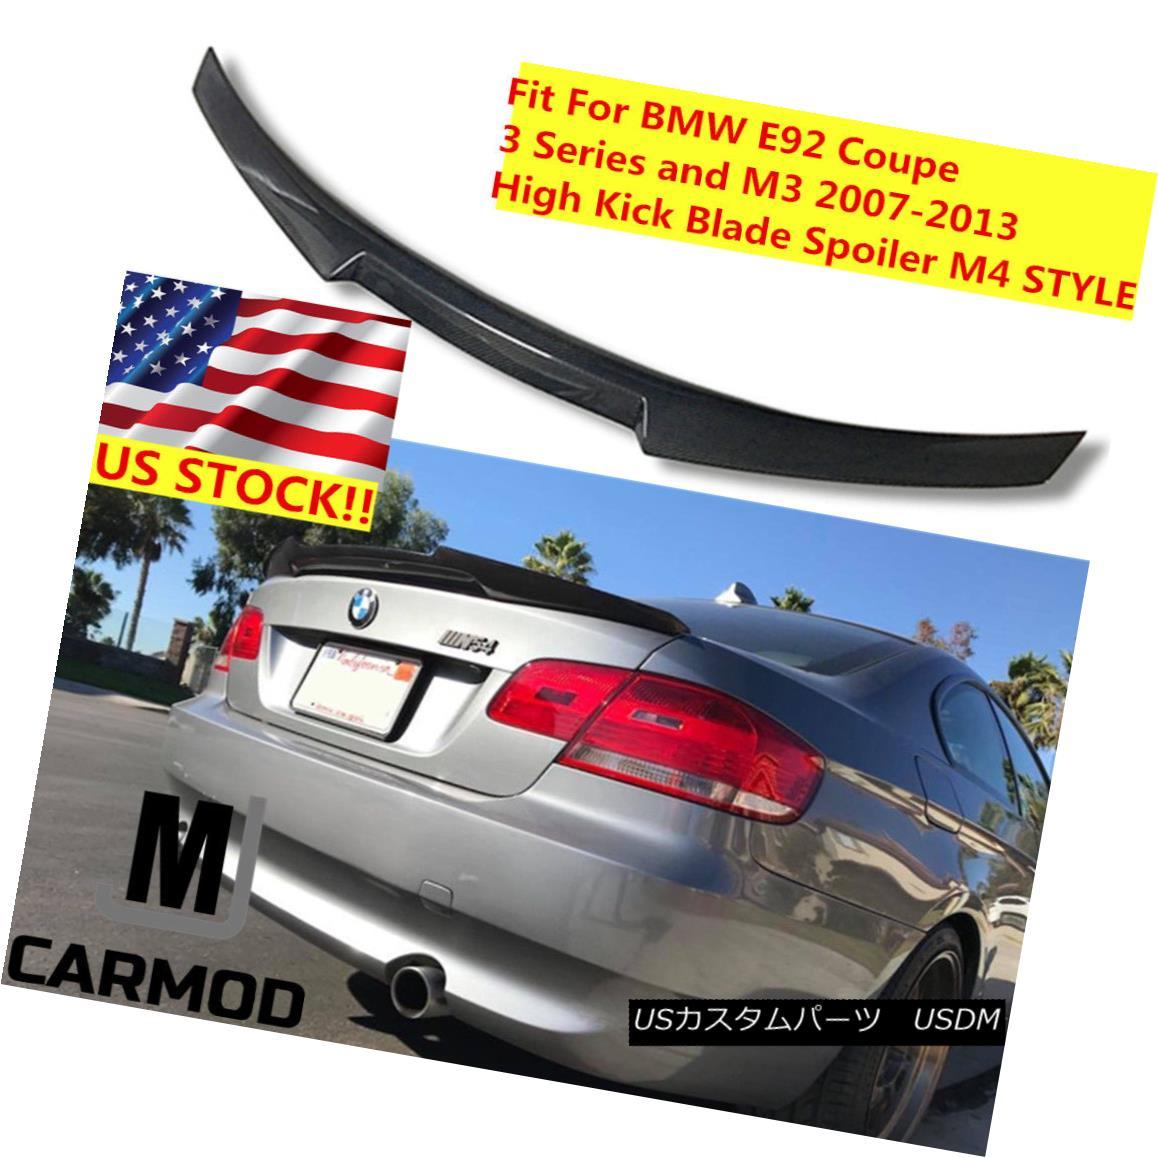 エアロパーツ Fit For BMW E92 320i 328i 335i Coupe Carbon Fiber Rear Trunk Spoiler M4 STYLE BMW E92 320i 328i 335iクーペカーボンファイバーリアトランク・スポイラーM4 STYLE